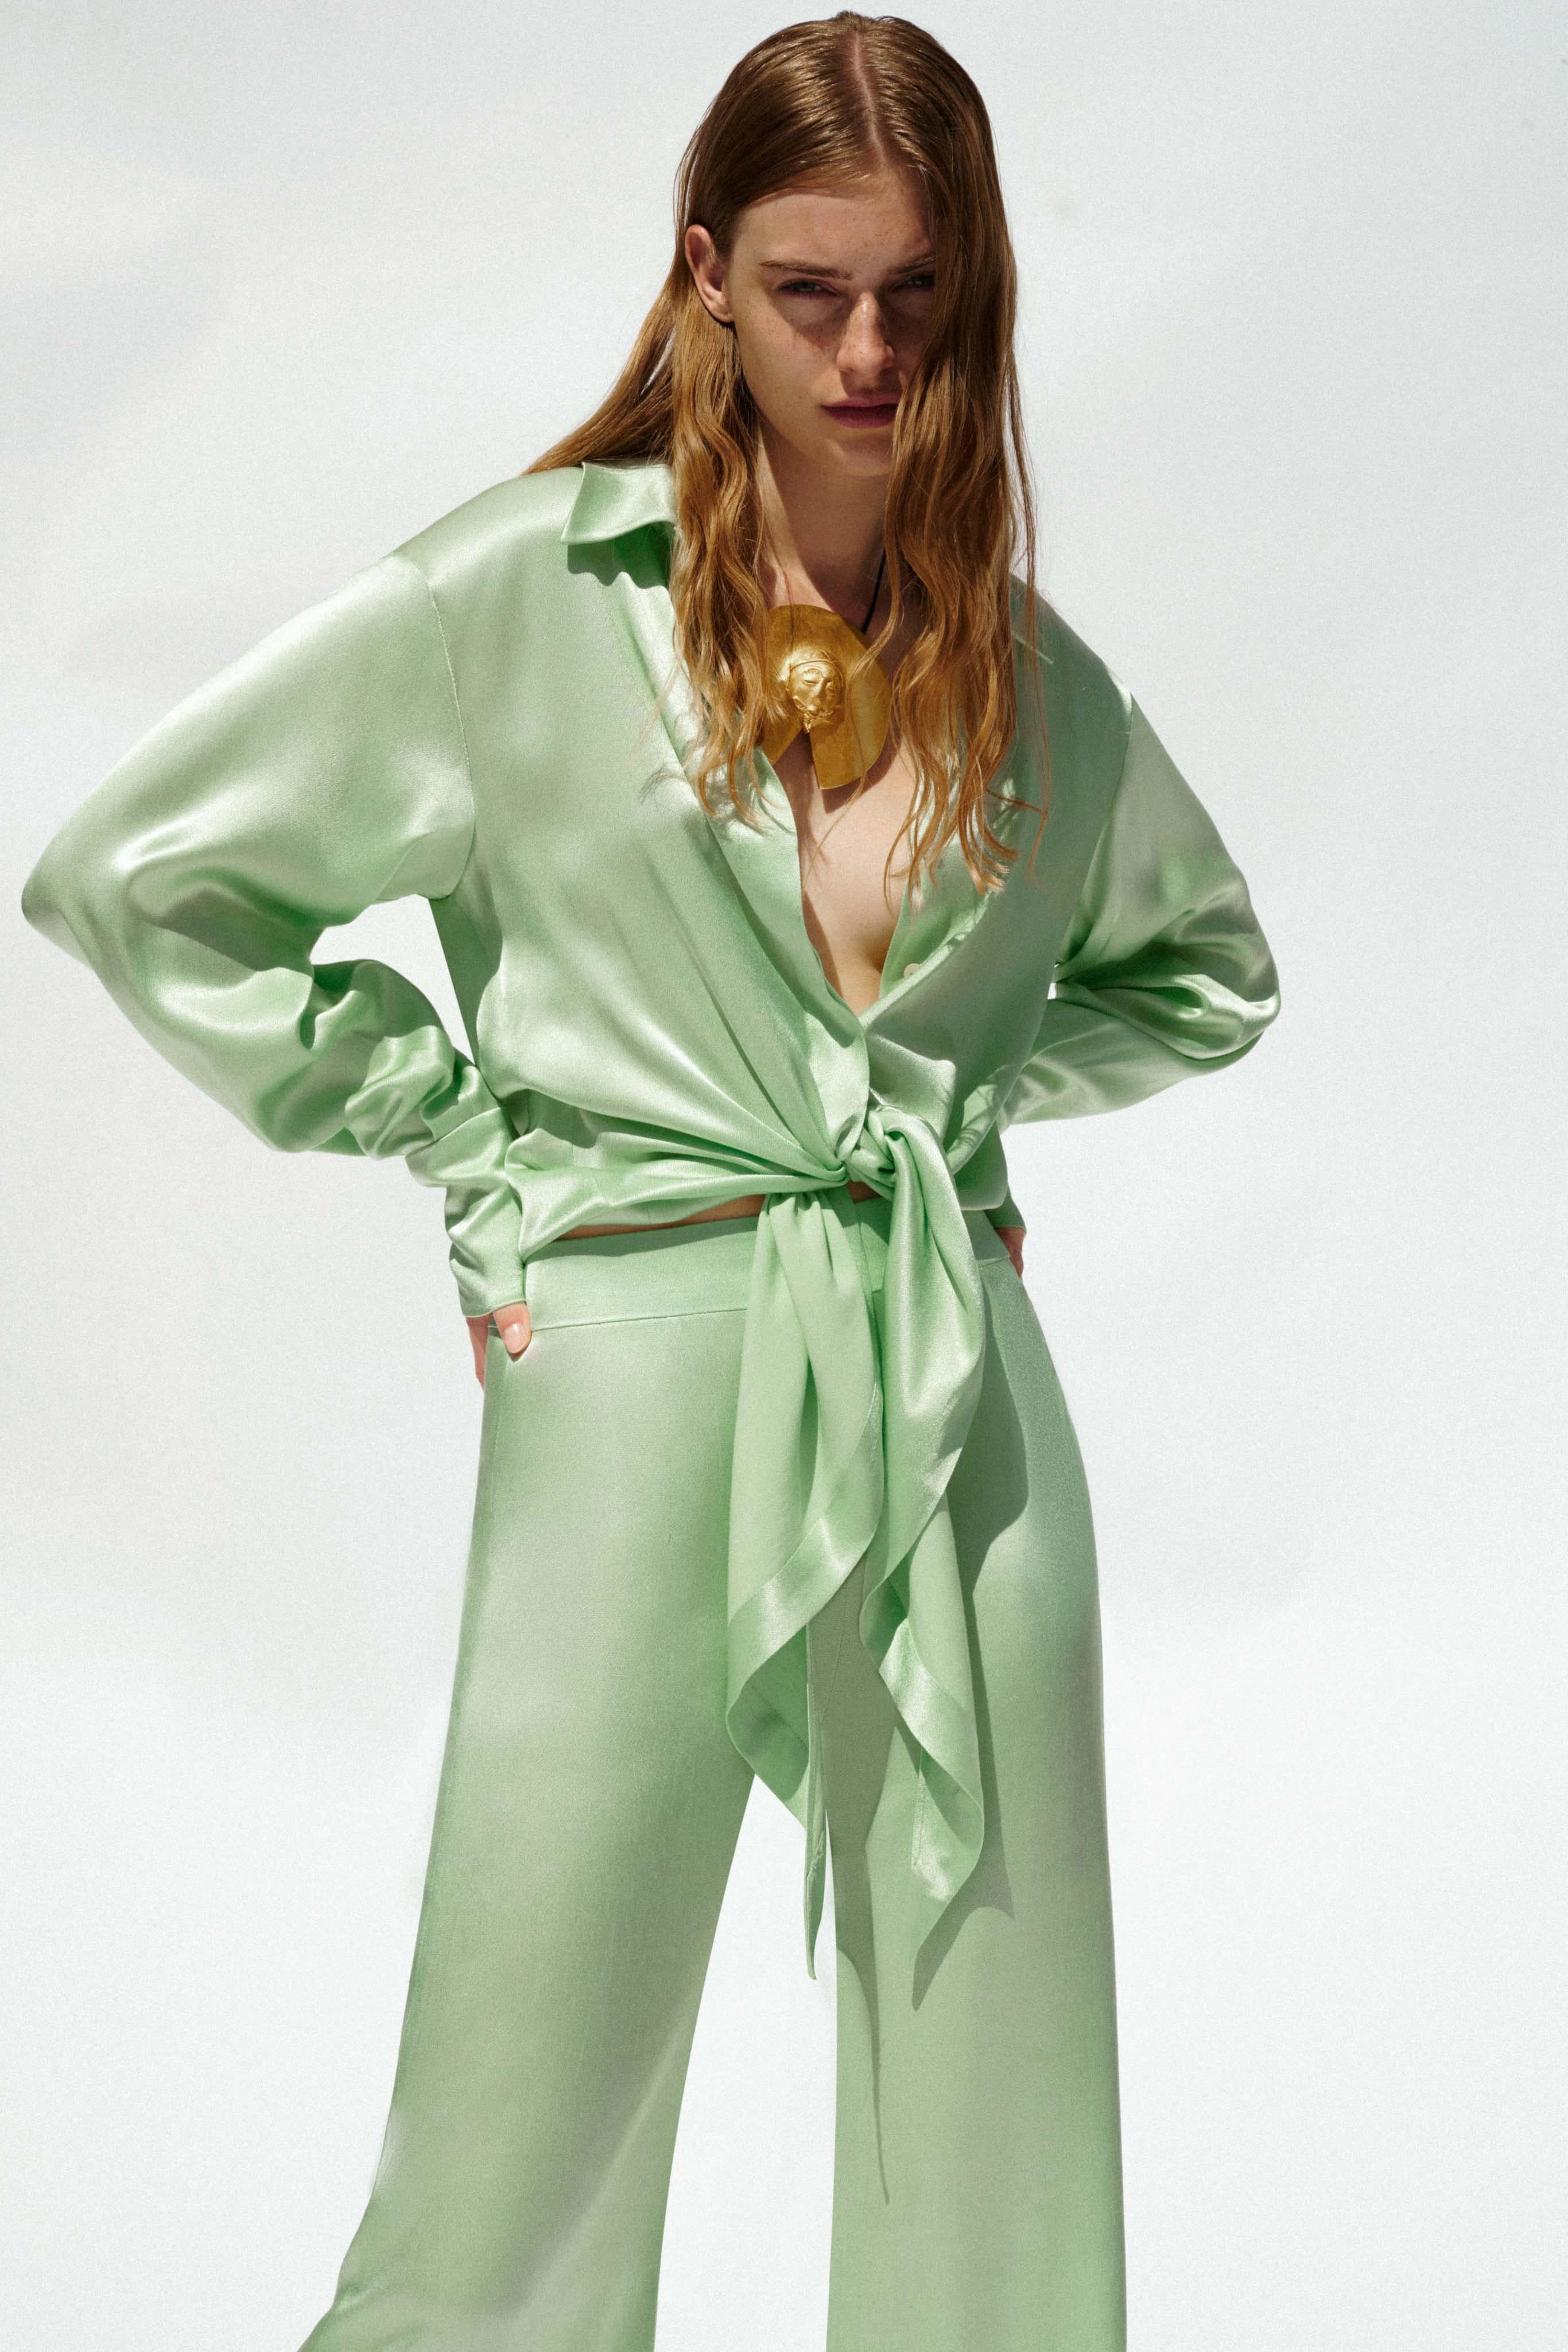 Trang phục vải satin màu pastel xanh hồ trăn - Galvan resort 2021